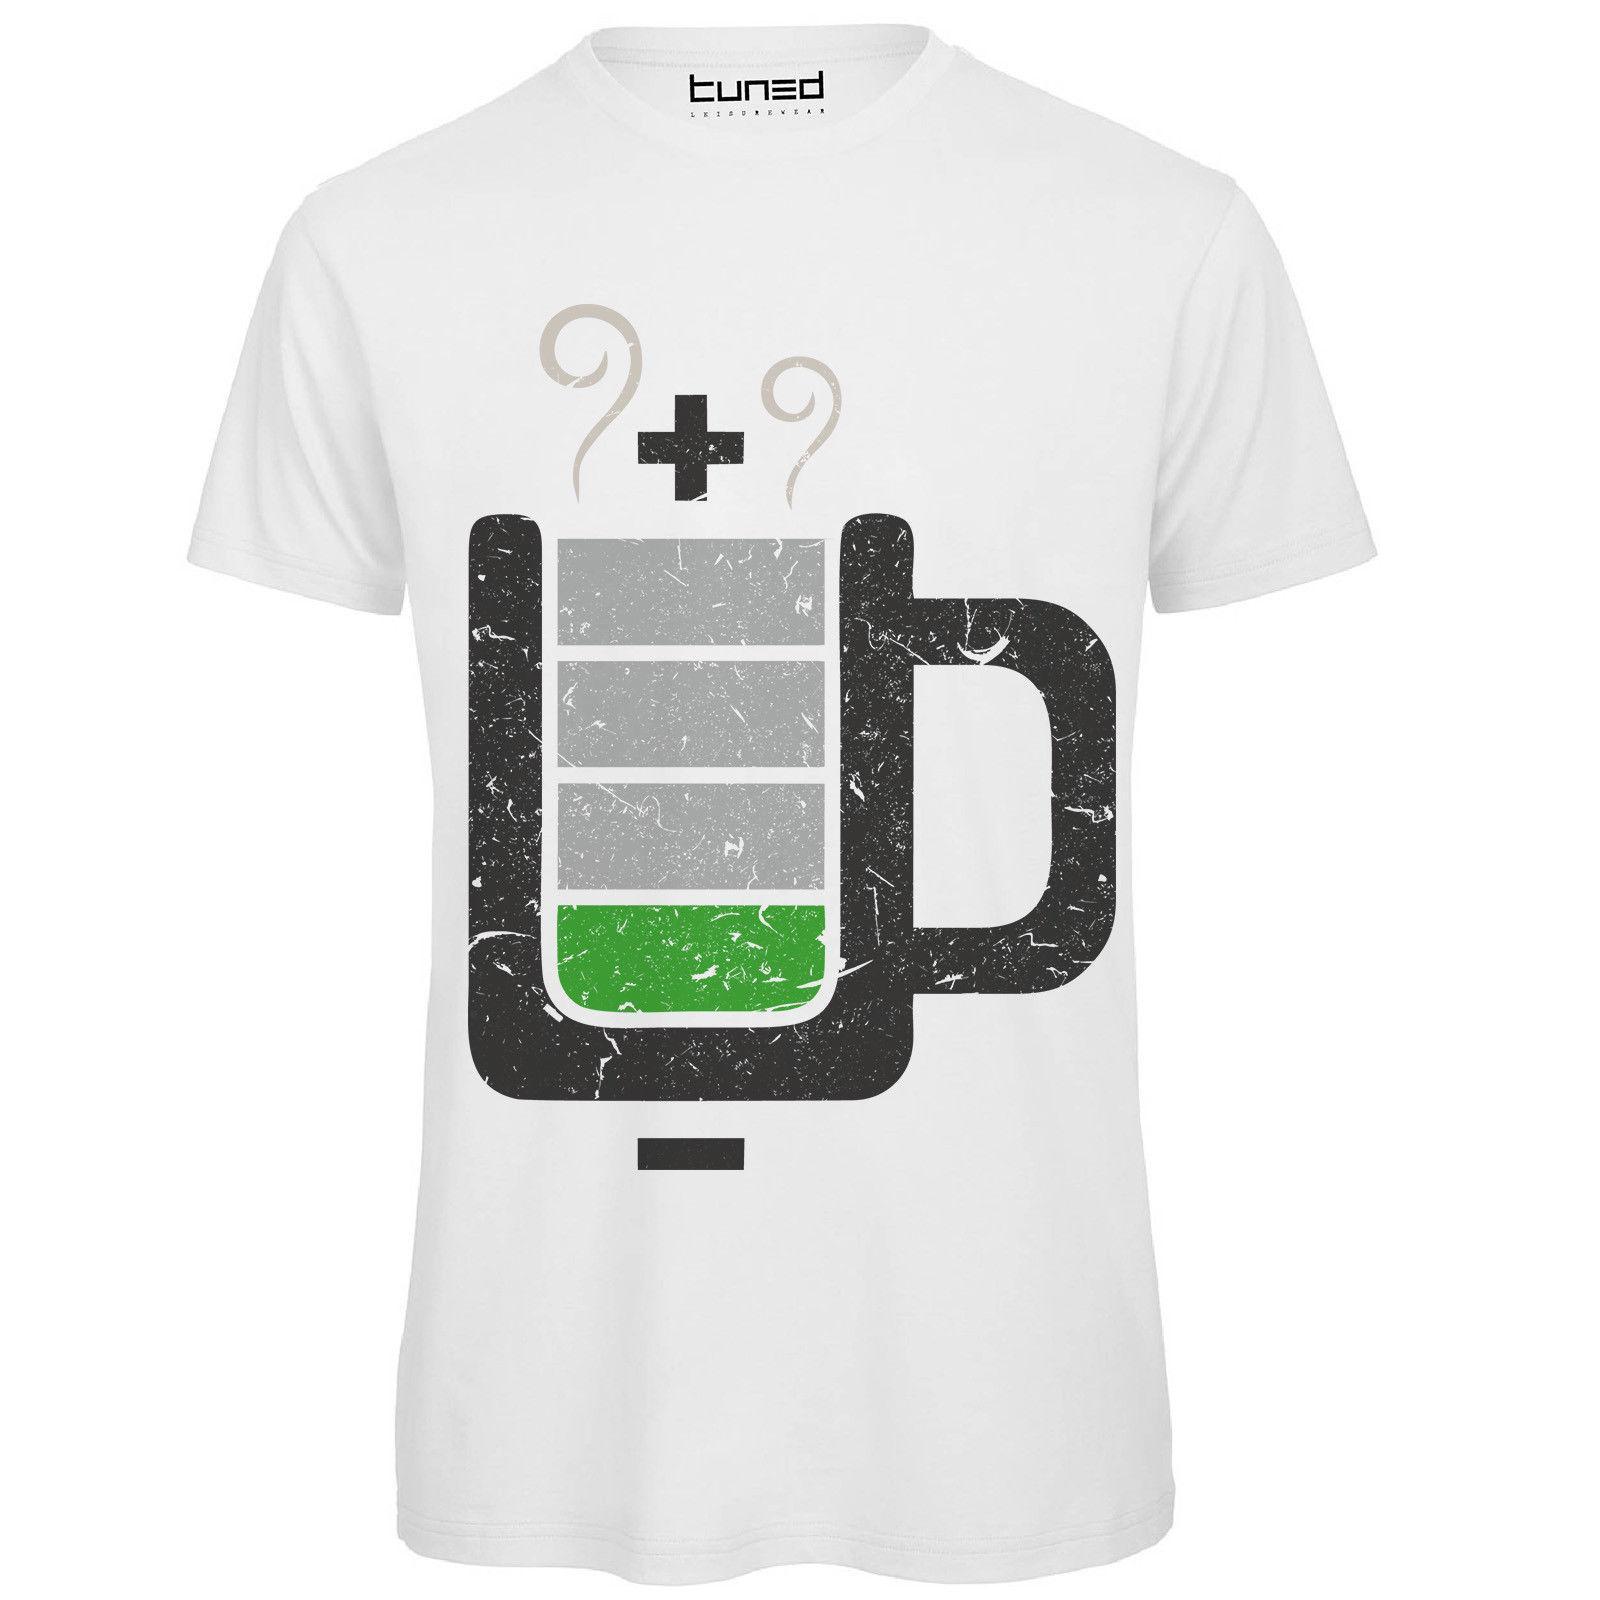 diversamente 72d80 95255 T-shirt Divertente Uomo Maglietta Cotone Con Stampa Ironica Nerd Cup  Battery Mens T Shirts Fashion 2018 Light